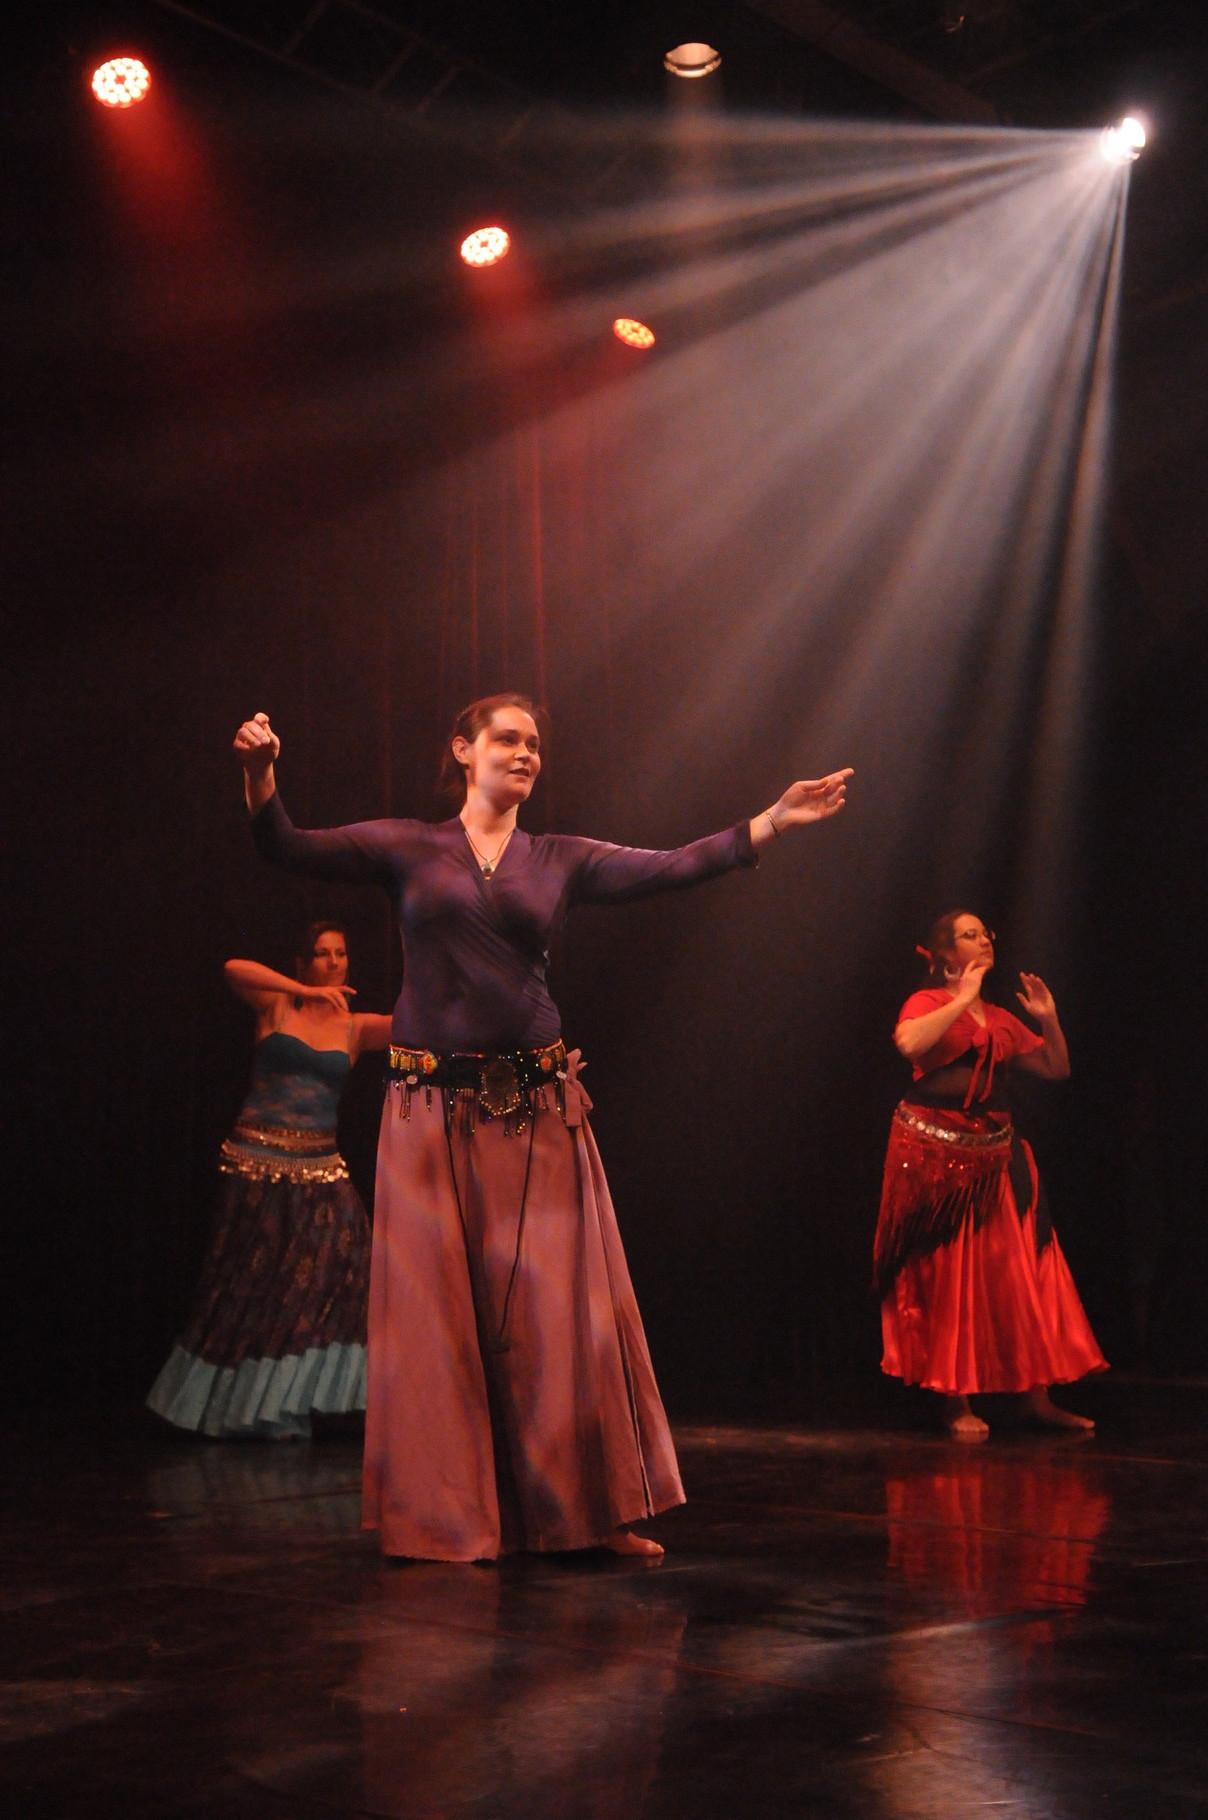 Spectacle Danse et Arts Vivants Téléthon 2014 (Photos Yannick Letoqueux)